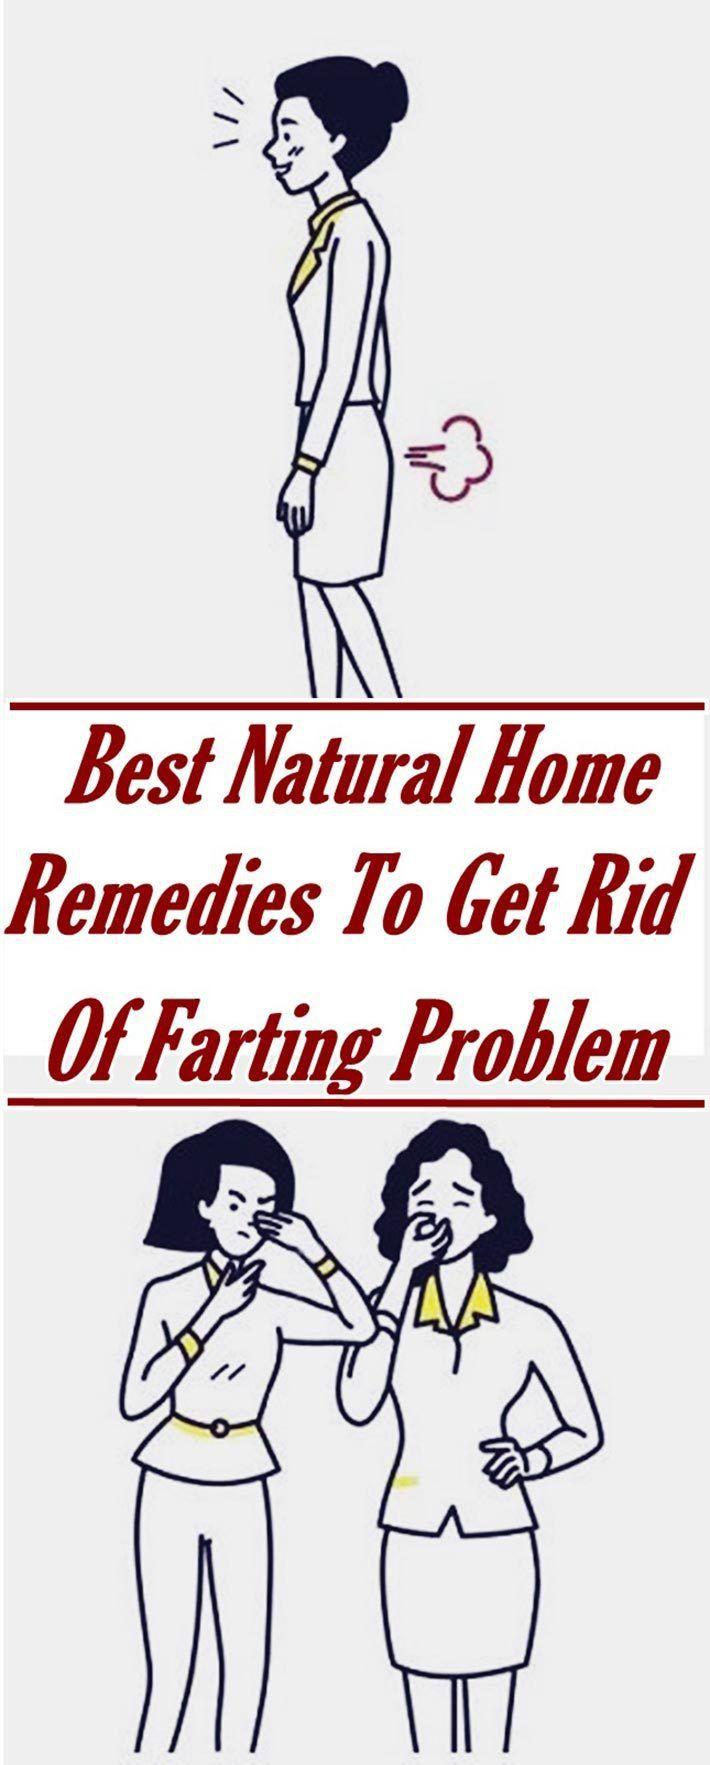 f7efeec084af8127884a6a2fdb85a38b - How To Get Rid Of Gas Problem At Home